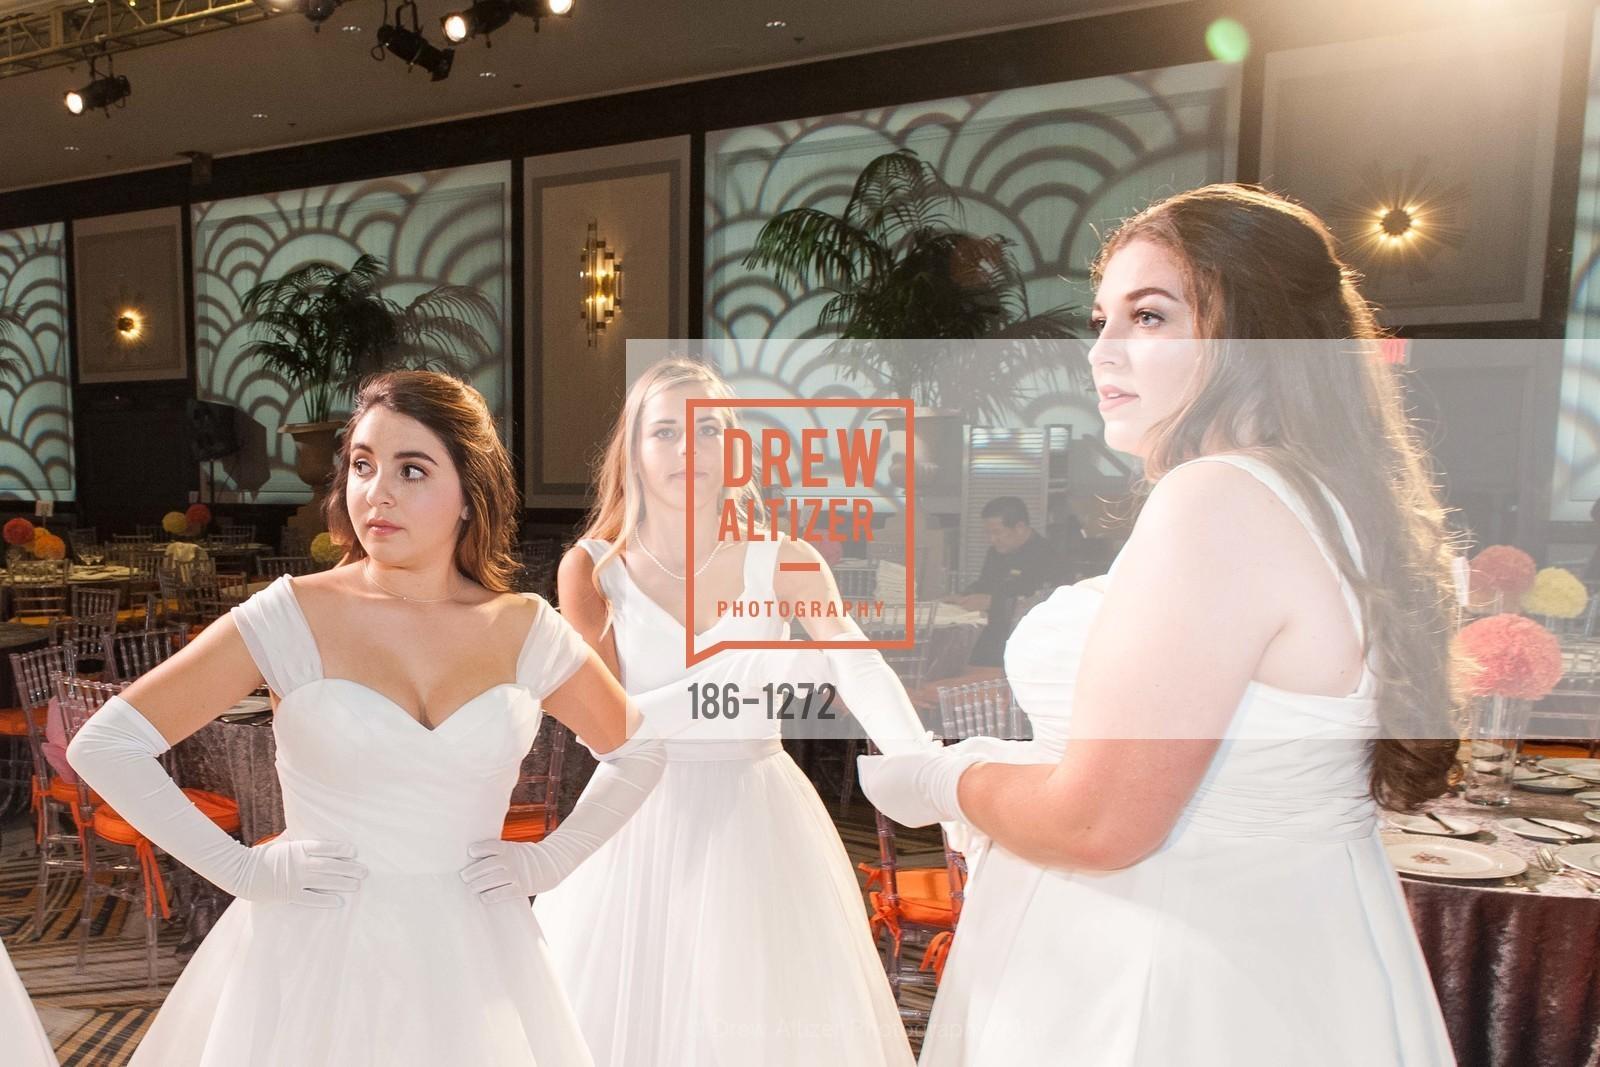 Allton Rachel Vogel-Denebeim, Ariana Denebeim, Madeleine Kelny Denebeim, Photo #186-1272